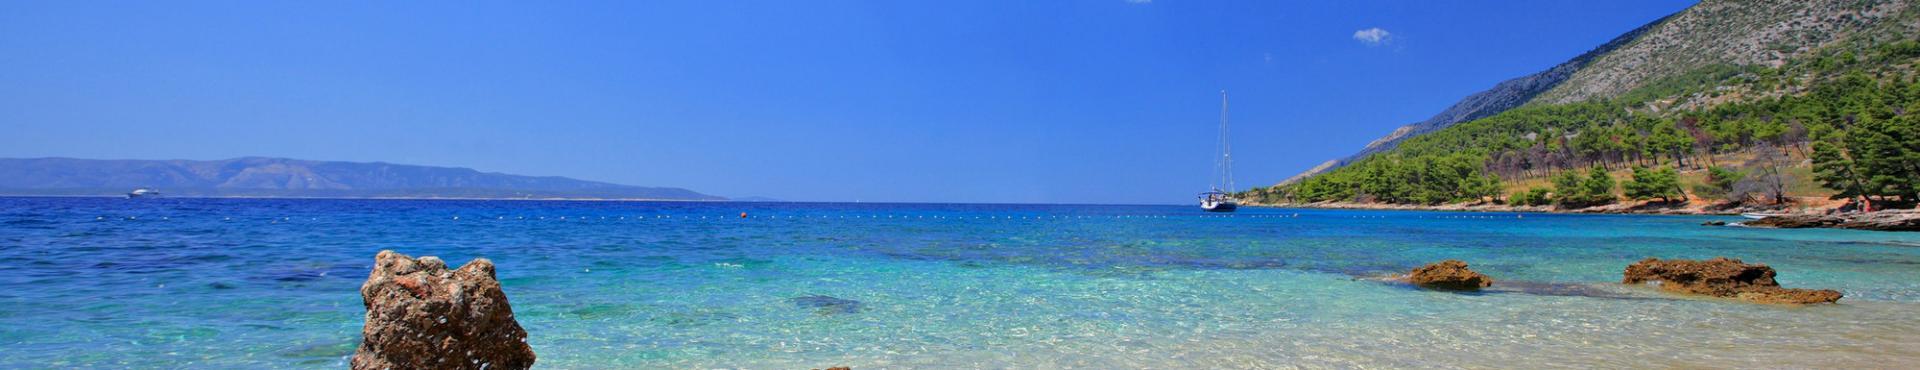 Adriatico del sud